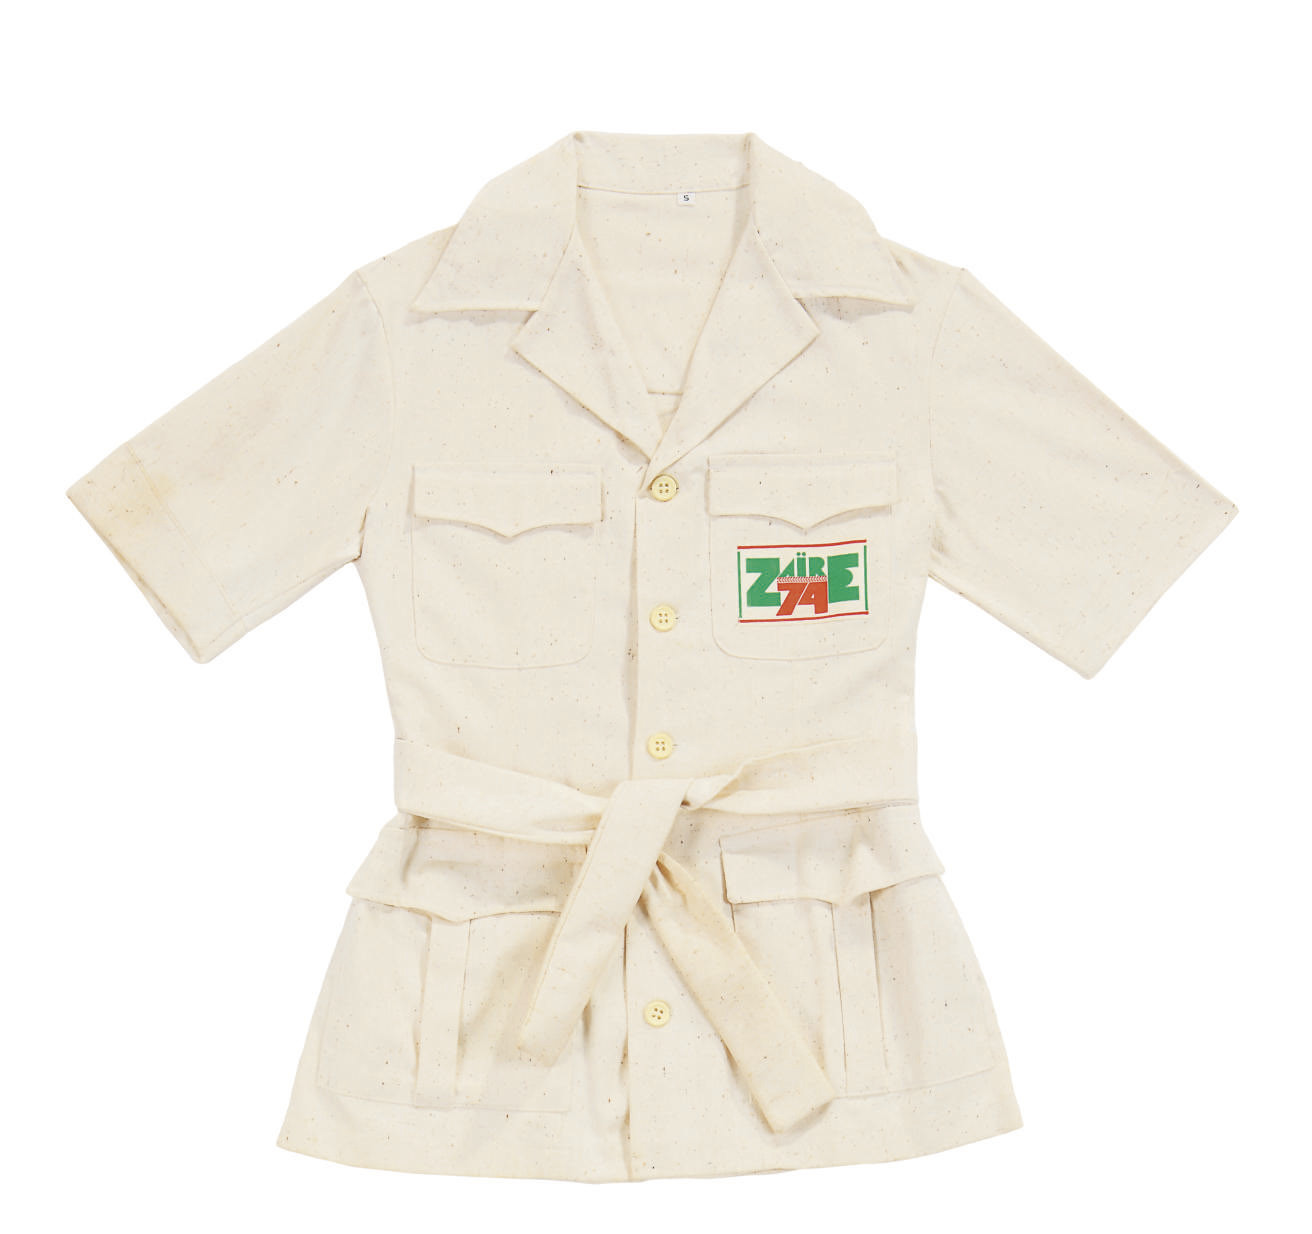 Zaire74 Short Coat